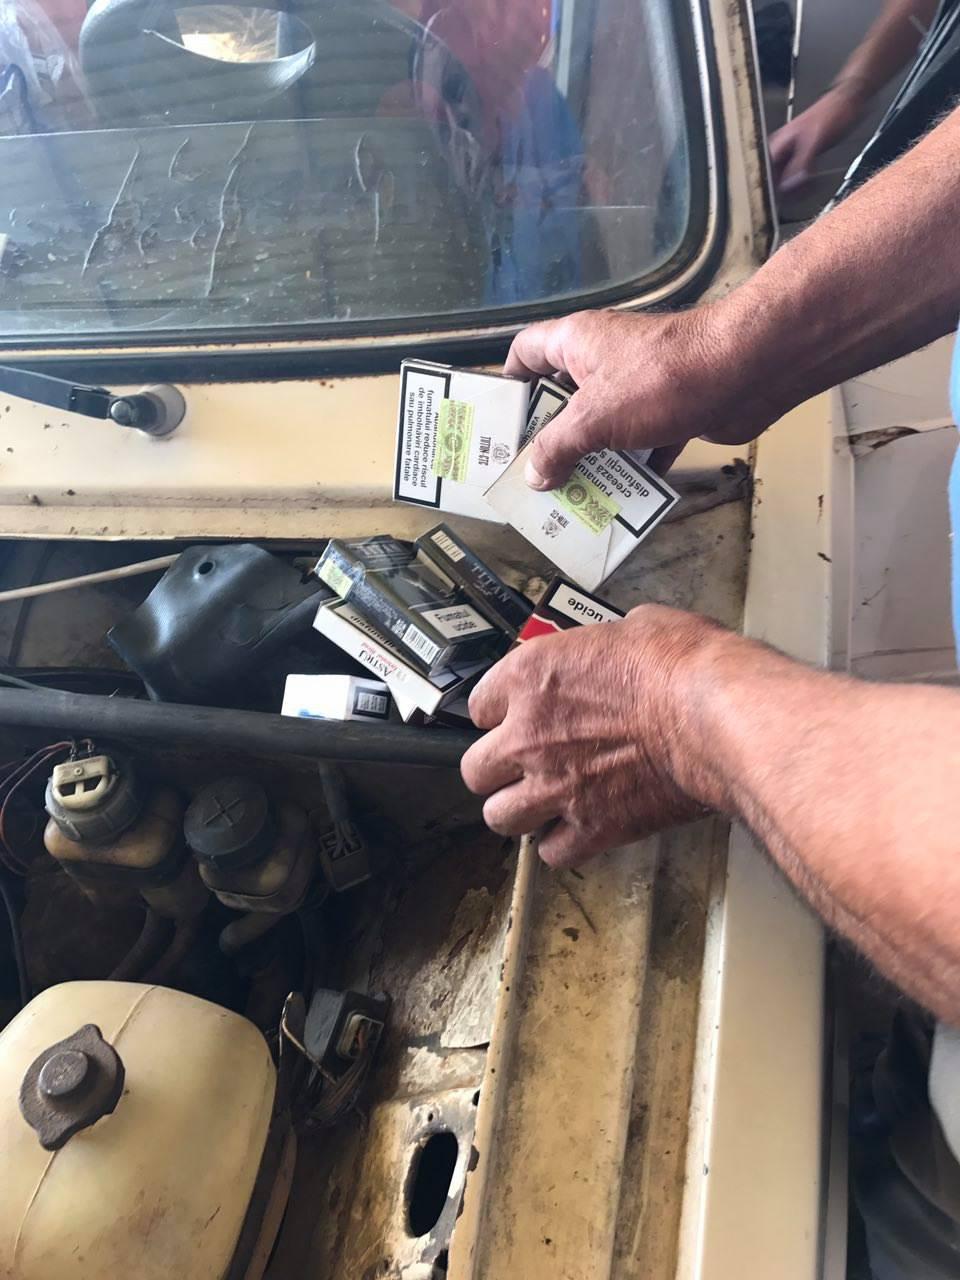 20427368_332601413850569_1359689773_o Не перехитрил: из-за 89 пачек контрабандных сигарет гражданин Молдовы оставил автомобиль